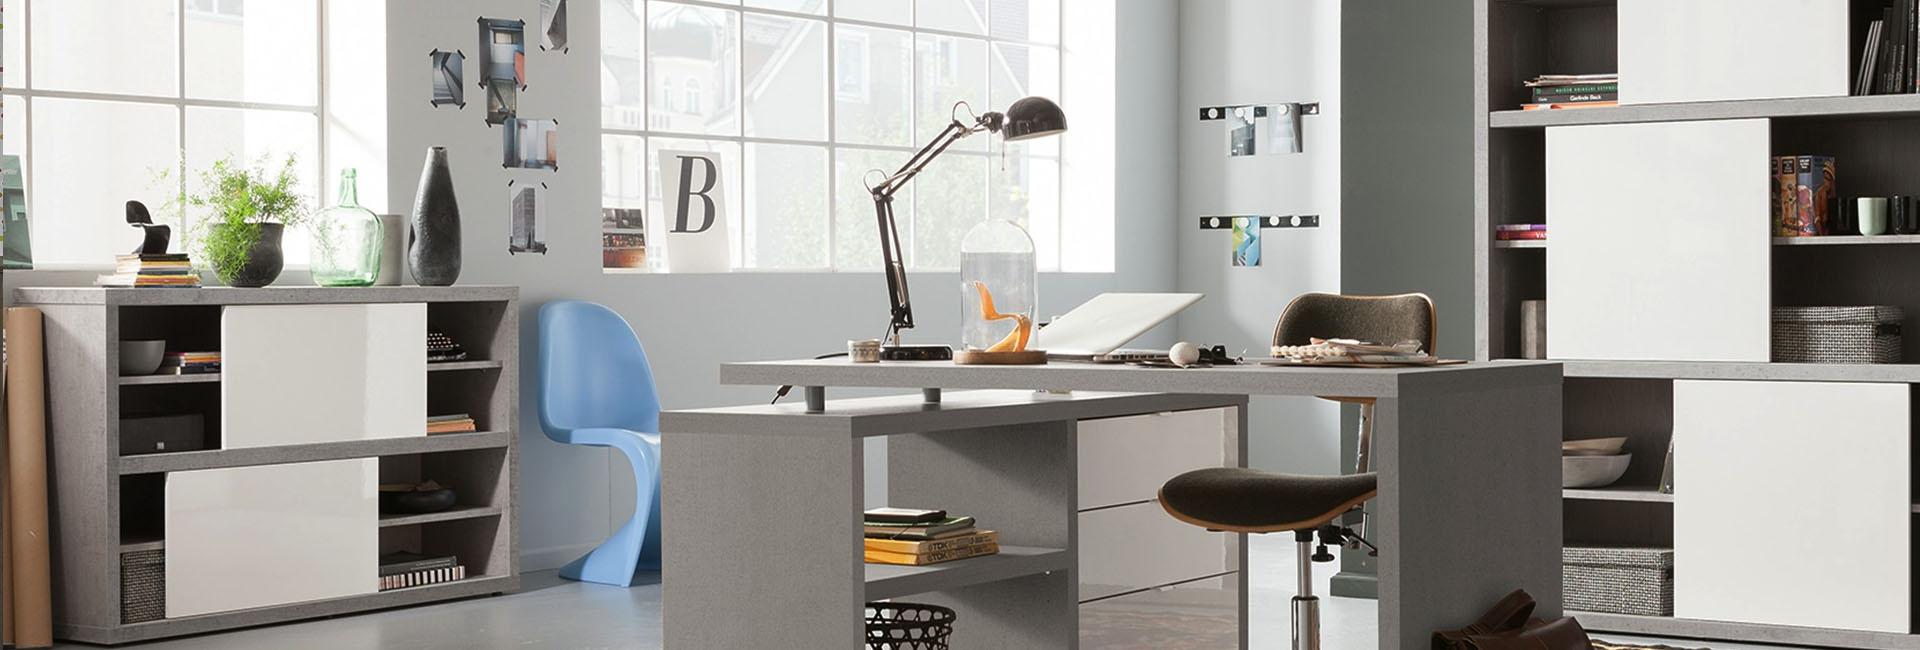 Büromöbel bei Möbel Kraft online kaufen - Bei Möbel Kraft ...